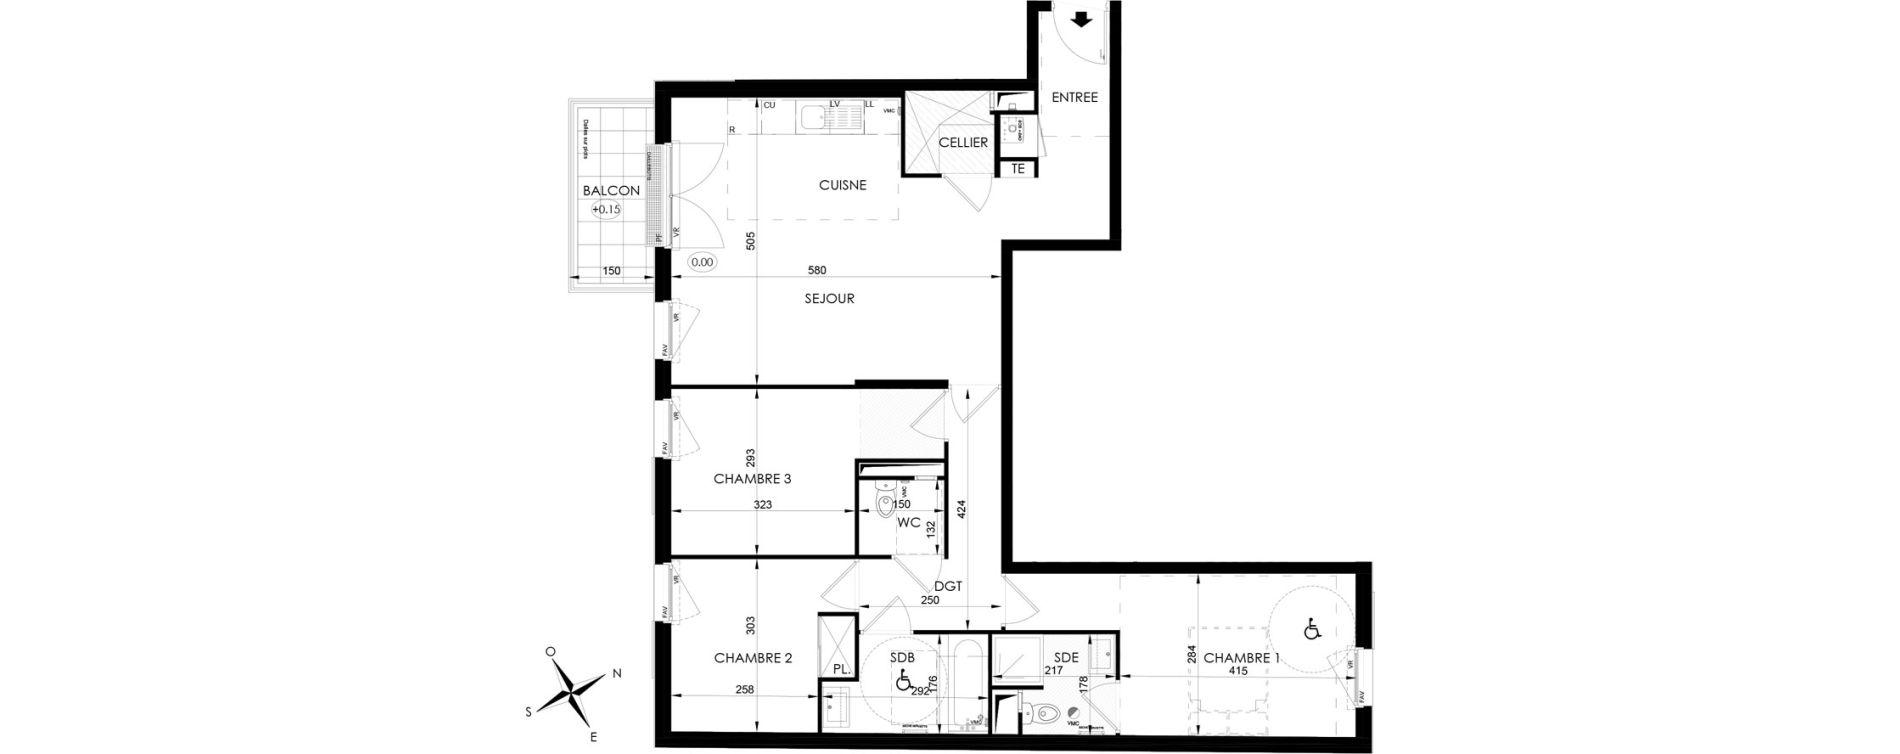 Appartement T4 de 85,35 m2 aux Clayes-Sous-Bois Centre